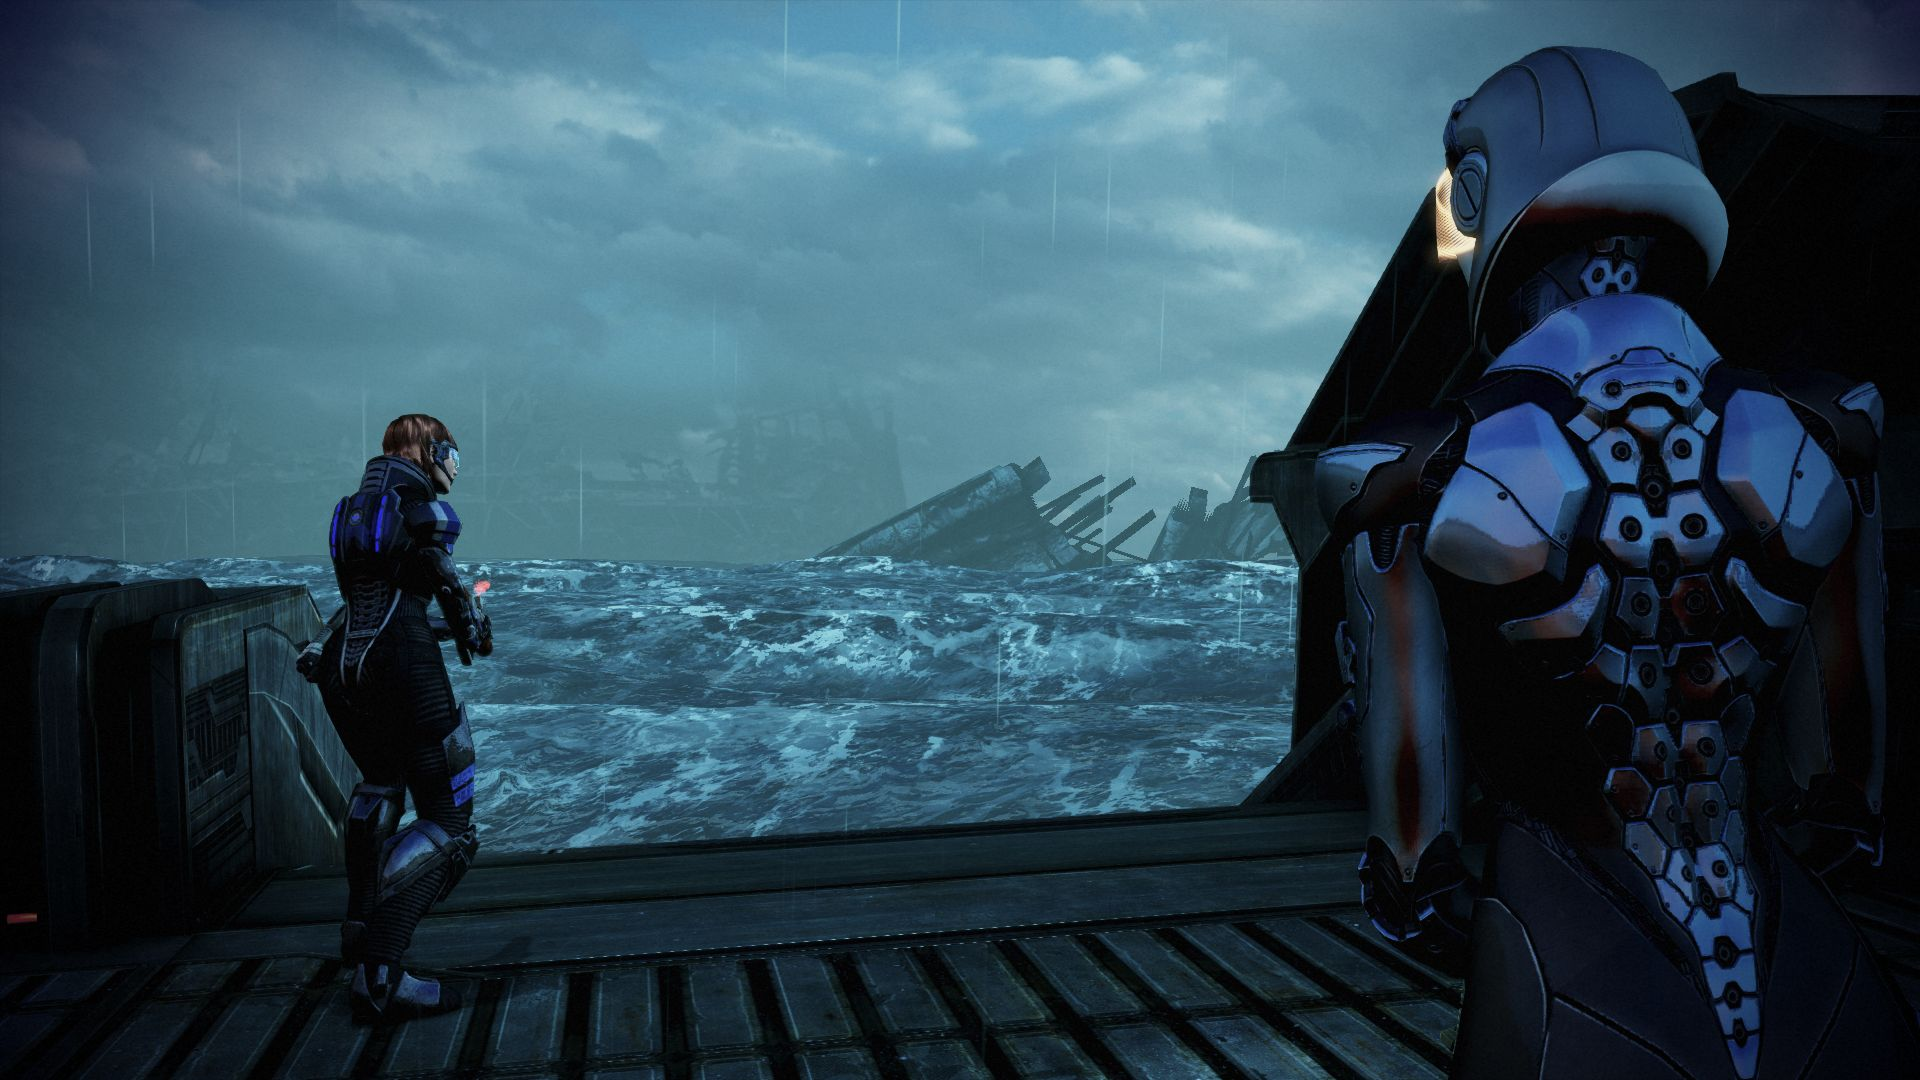 An ocean planet in Mass Effect 3's Leviathan DLC